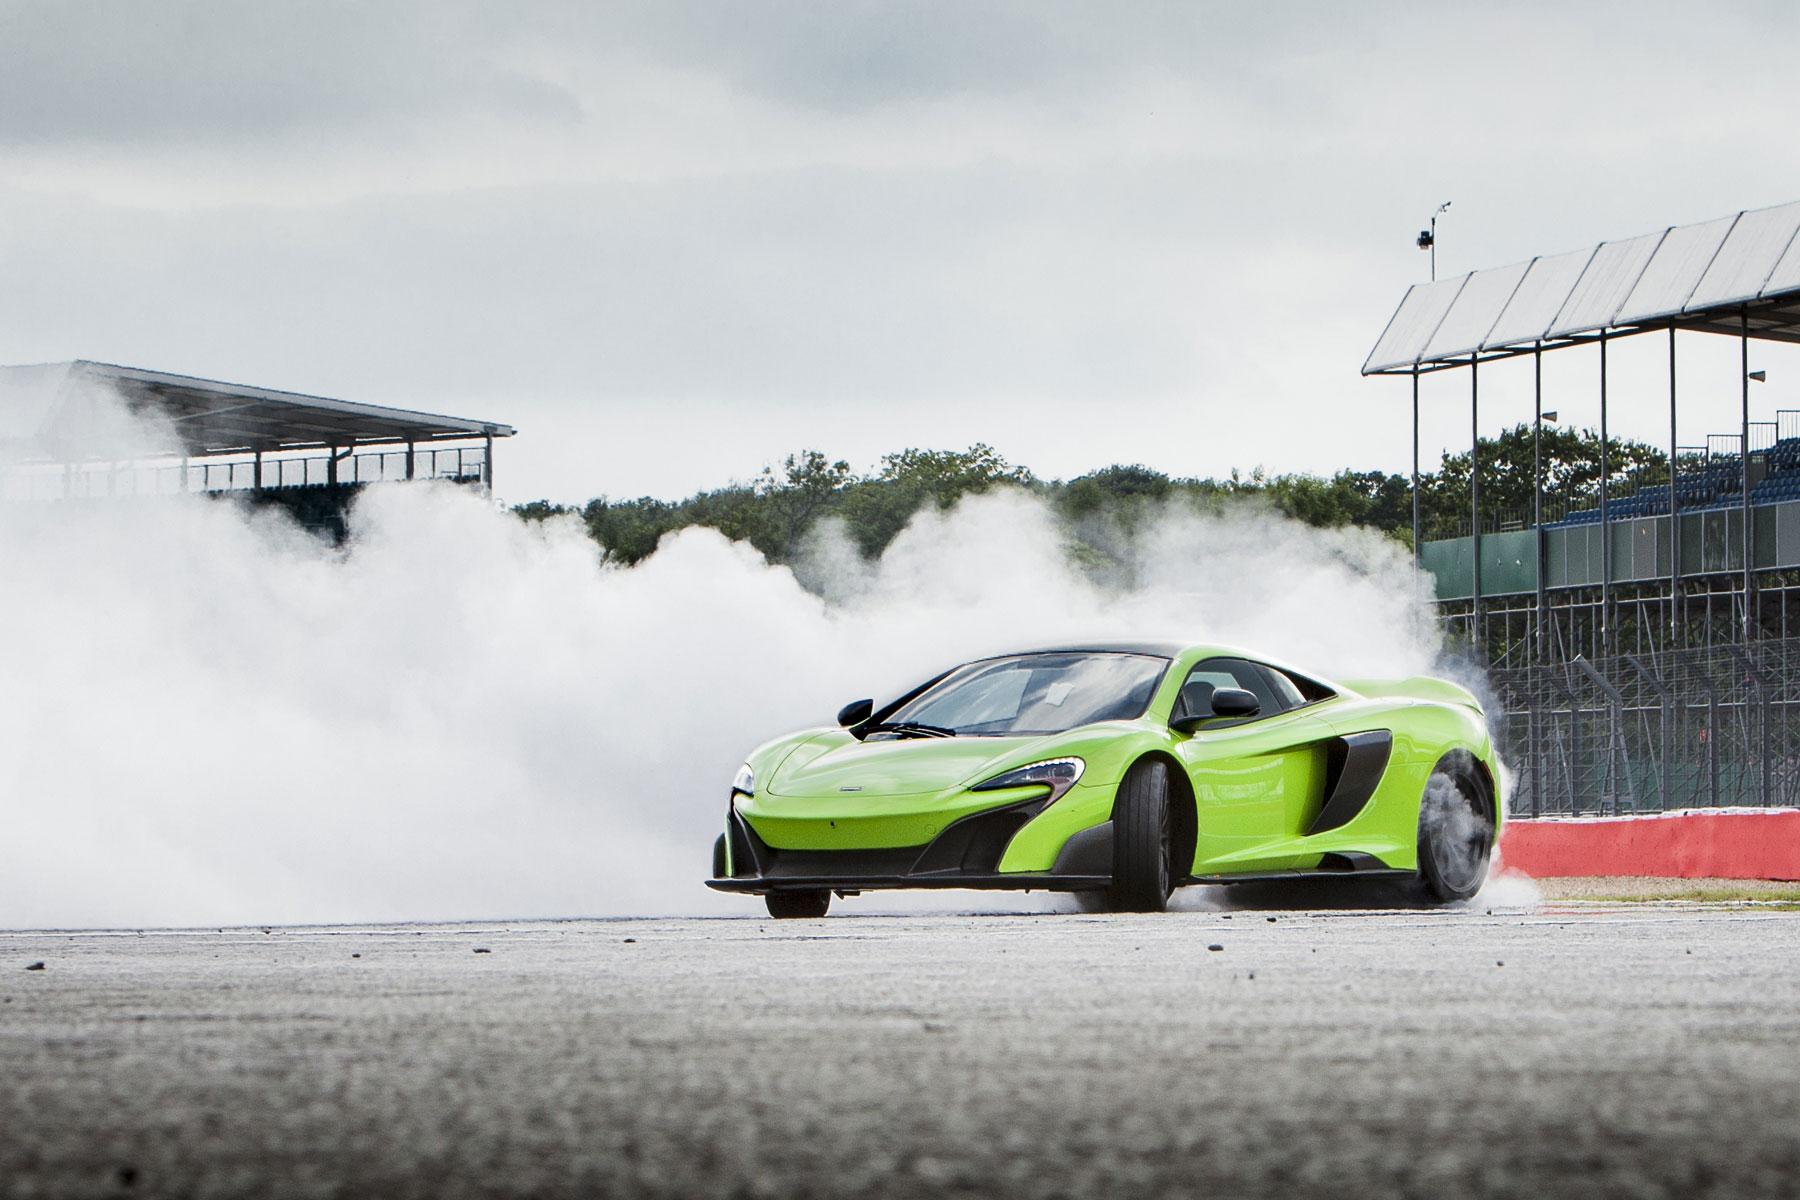 McLaren 675LT – 2.9 seconds